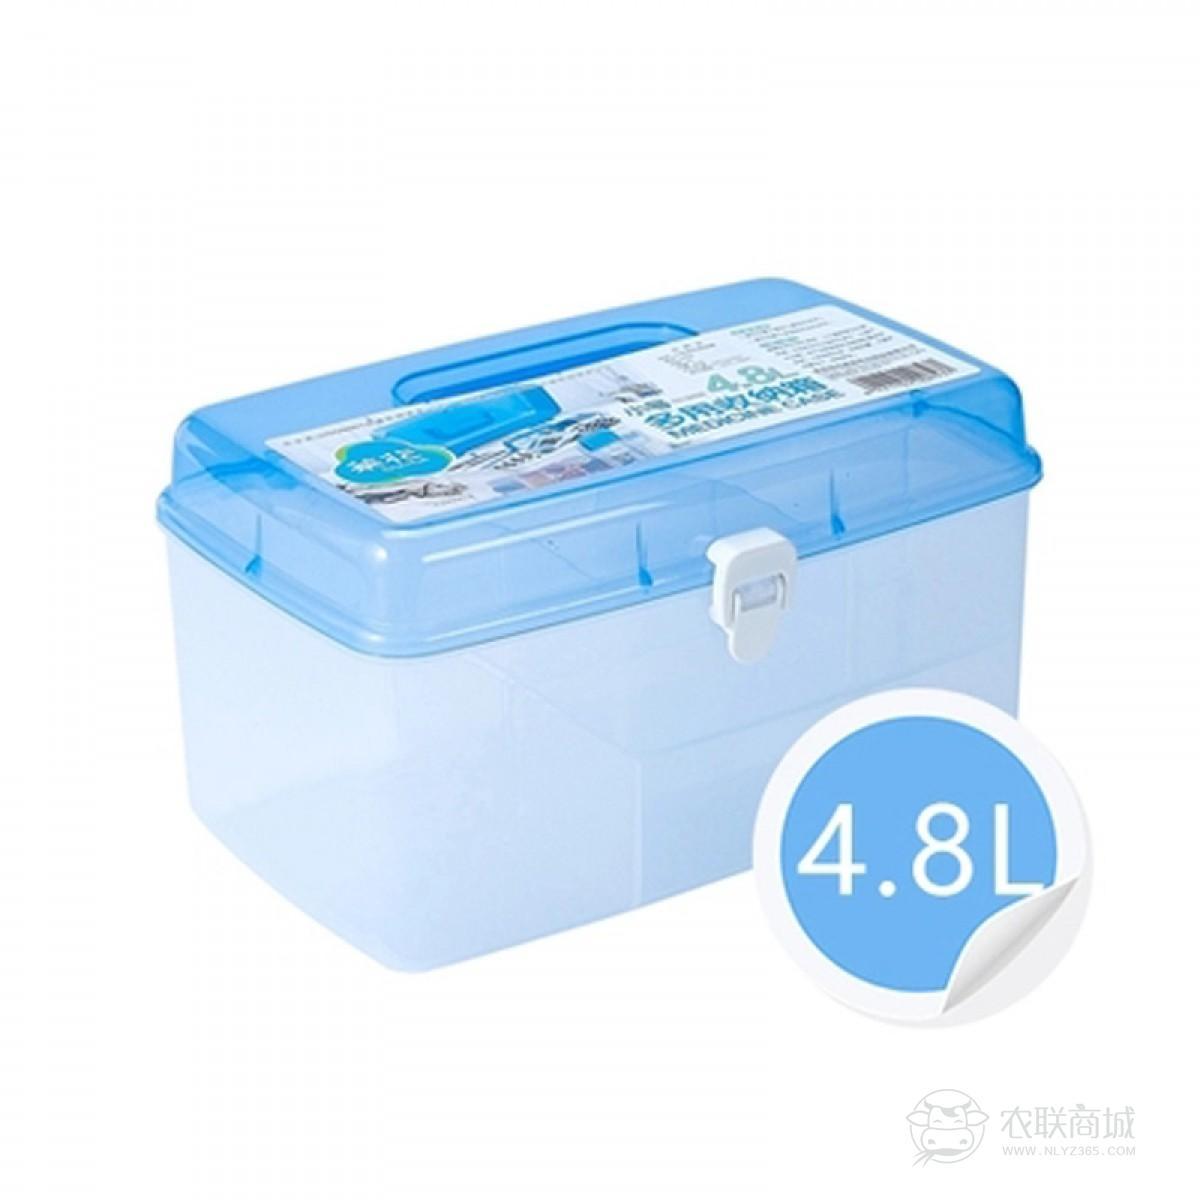 茶花医药箱家庭 小号 医要箱药品收纳盒车载医疗箱家用薬多层隔层